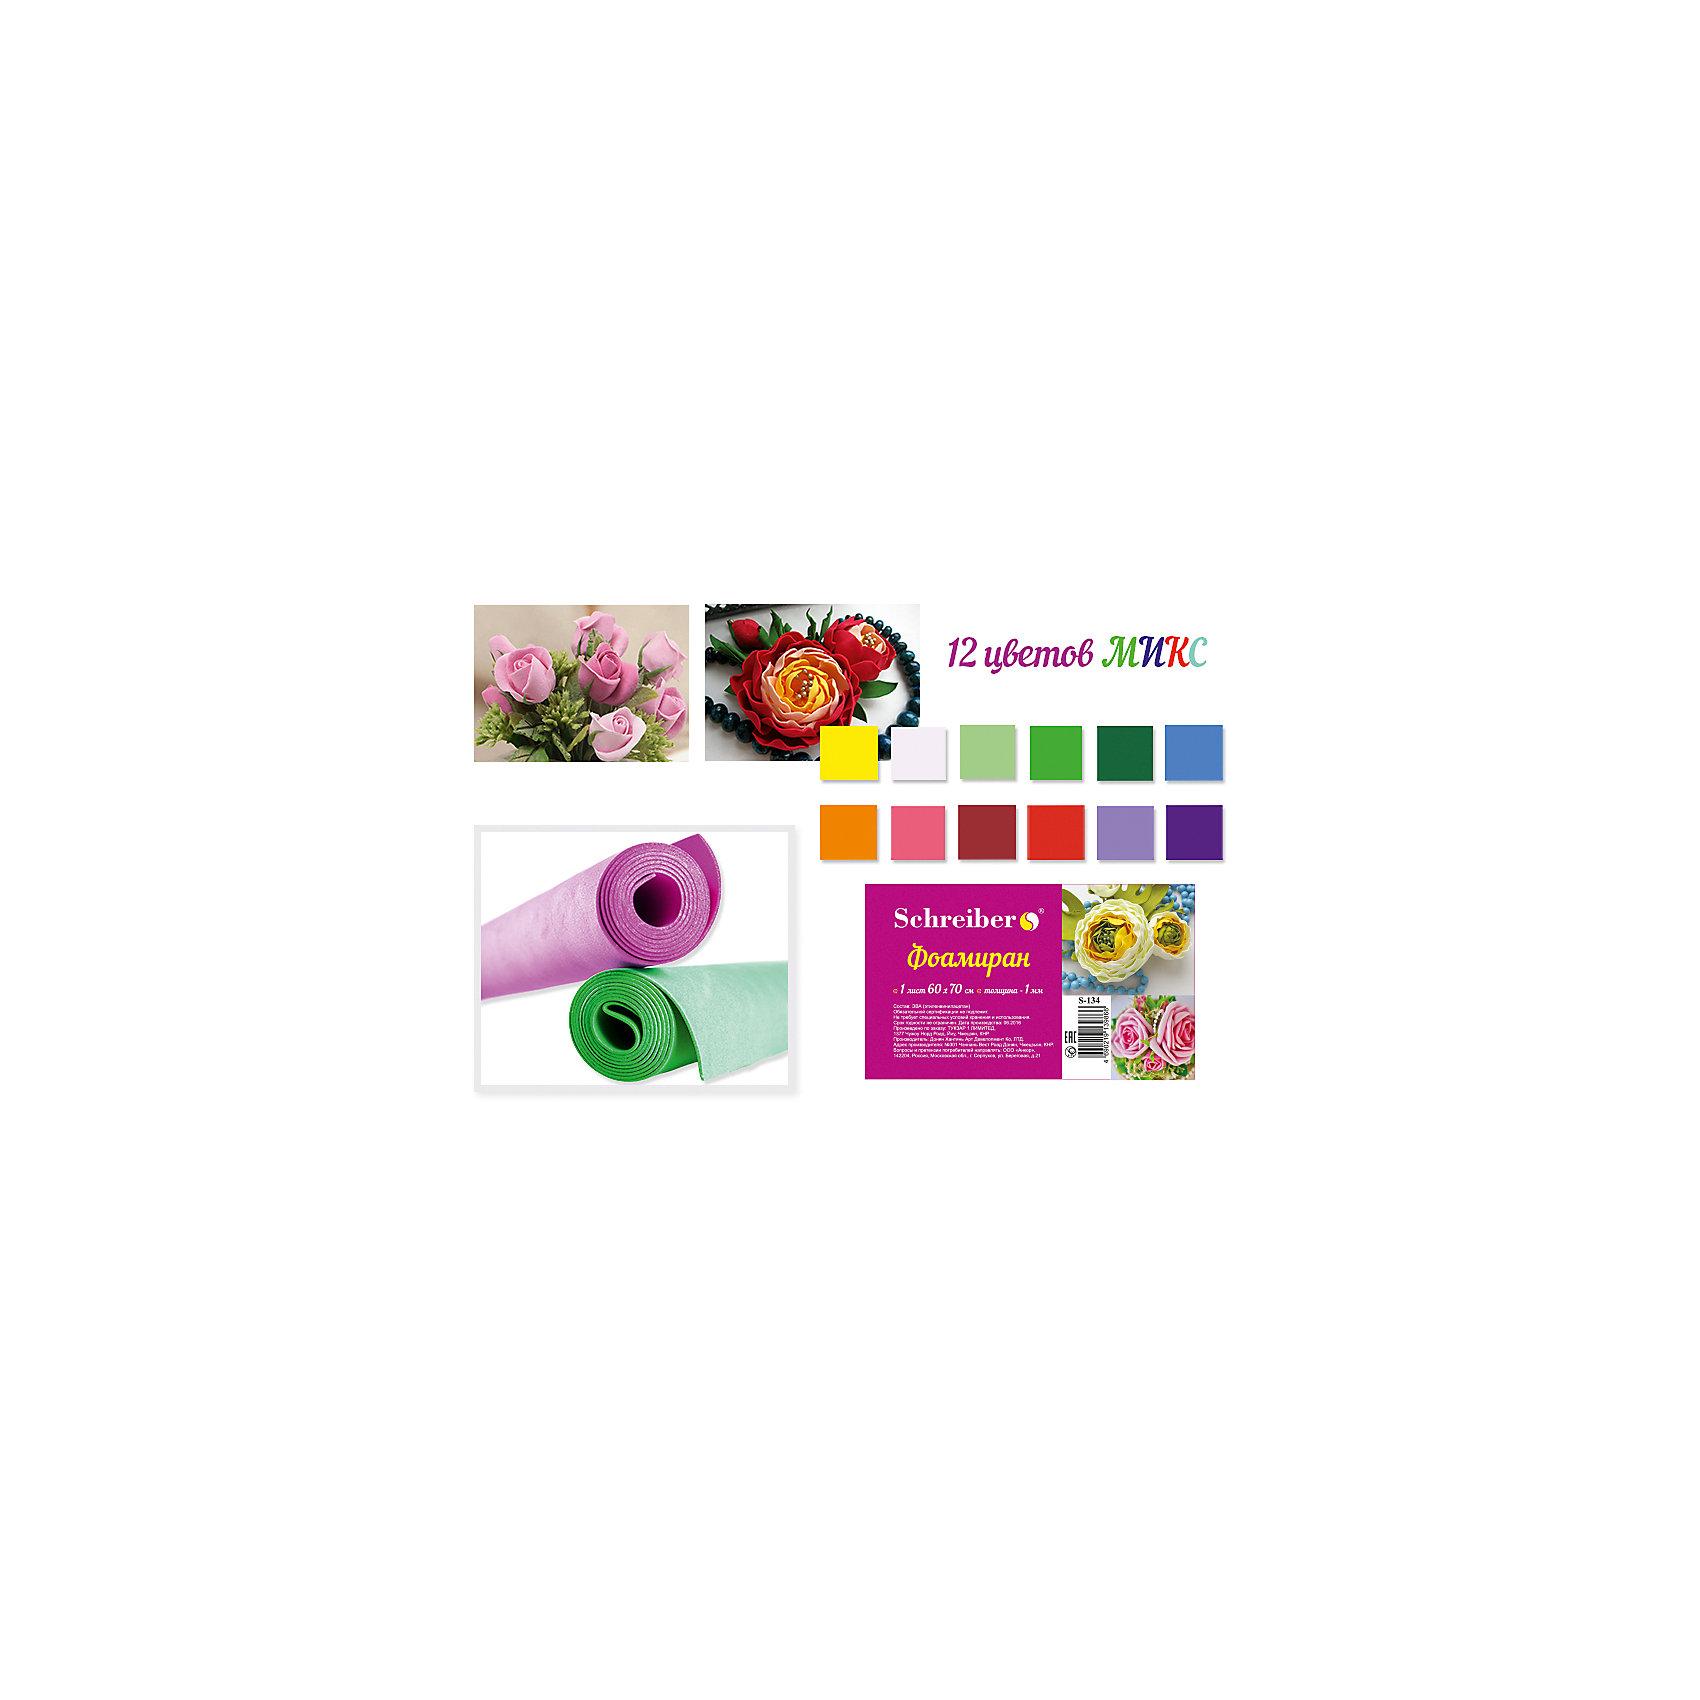 Фоамиран в рулонах, 60х70см.,1мм., 12 цветов миксПринадлежности для творчества<br>Фоамиран в рулонах, 60х70см.,1мм., 12 цветов микс.<br><br>Характеристики:<br><br>• Возраст: от 6 лет<br>• Размер: 60х70 см.<br>• Толщина: 1 мм.<br>• Количество: 12 разноцветных рулонов<br>• Цвета: желтый, белый, салатовый, зеленый, темно-зеленый, голубой, оранжевый, розовый, бордовый, красный, светло-фиолетовый, фиолетовый<br><br>Фоамиран (пластичная замша) - популярный материал для творчества. Из него можно создавать декоративные цветы, украшения для волос, броши, небольшие забавные игрушки, декоративные элементы для фоторамок или блокнотов и многое другое. Работать с фоамираном просто и удобно, он режется ножницами, тянется, становится пластичным и меняет свою форму даже от тепла человеческих рук. Фоамиран очень легко моделируется и принимает нужную форму. Он тонируется акриловыми и масляными красками, сухой пастелью и даже тенями для глаз. Для создания цветов или аппликаций потребуется термоклей или секундный клей. Материал нетоксичен.<br><br>Фоамиран в рулонах, 60х70см.,1мм., 12 цветов микс можно купить в нашем интернет-магазине.<br><br>Ширина мм: 600<br>Глубина мм: 30<br>Высота мм: 30<br>Вес г: 40<br>Возраст от месяцев: 72<br>Возраст до месяцев: 2147483647<br>Пол: Унисекс<br>Возраст: Детский<br>SKU: 5504487